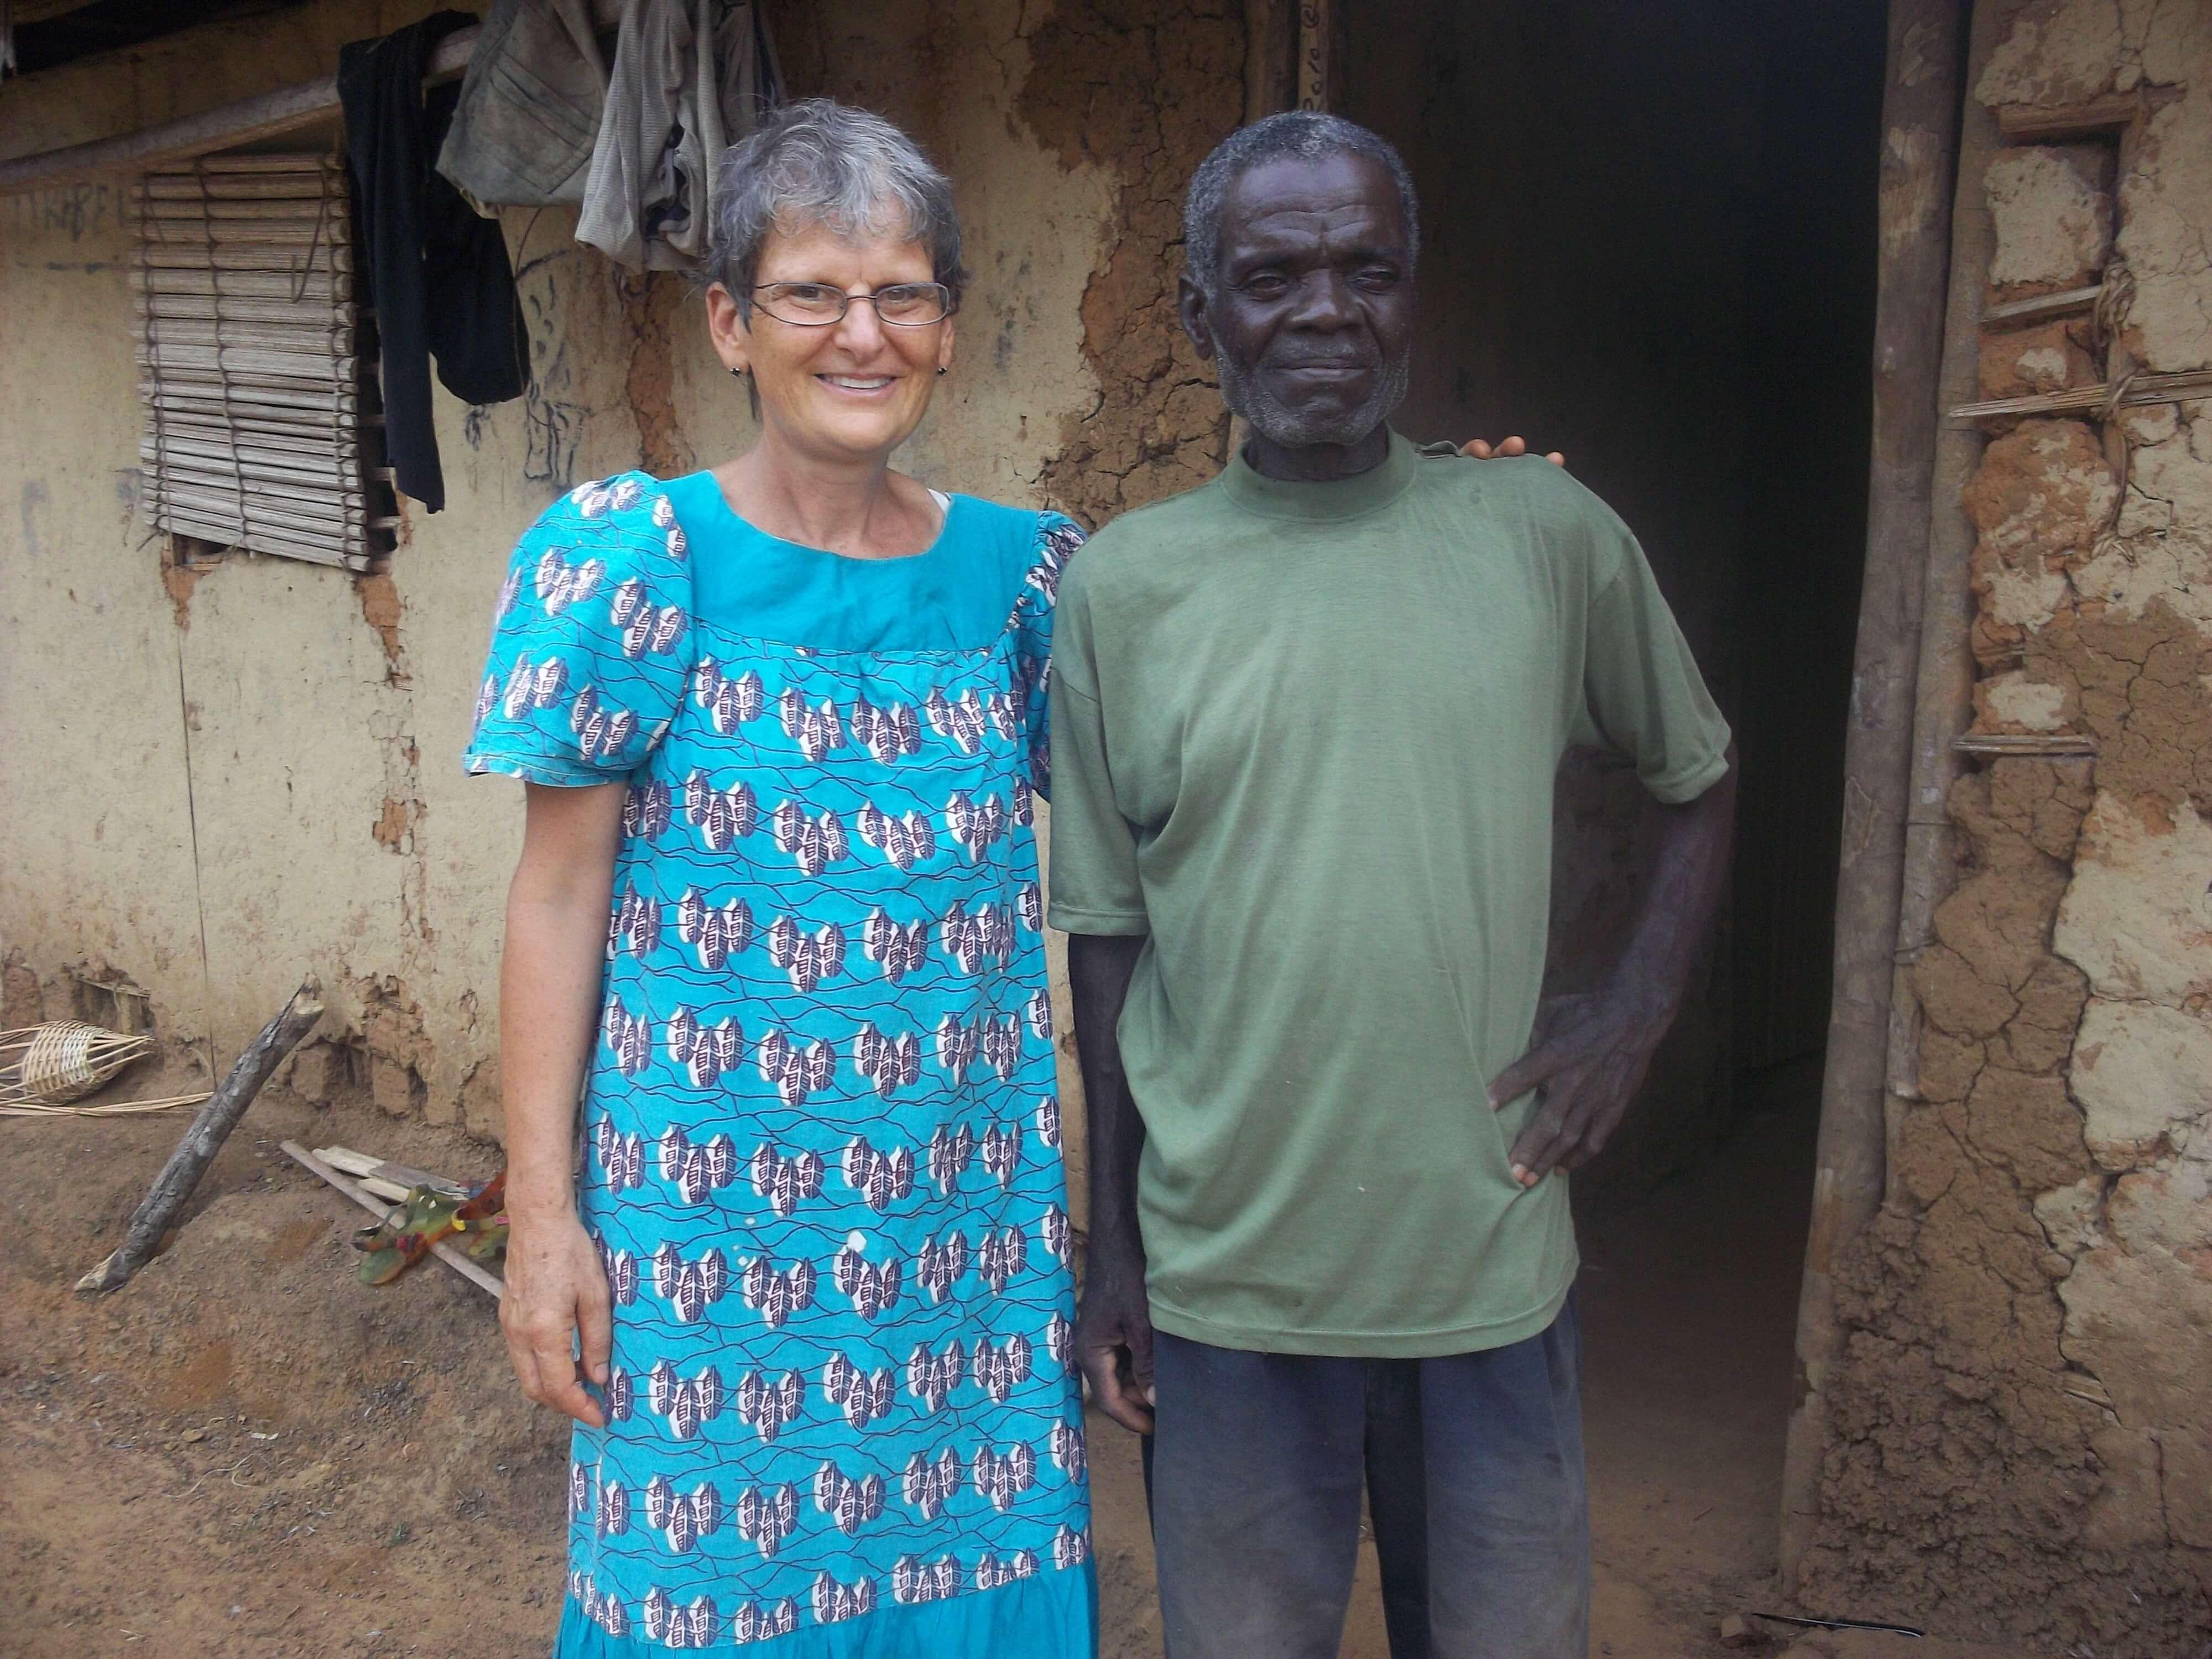 Christine s'en est fait un ami et il est devenu chrétien : on a brûlé tous ses fétiches !